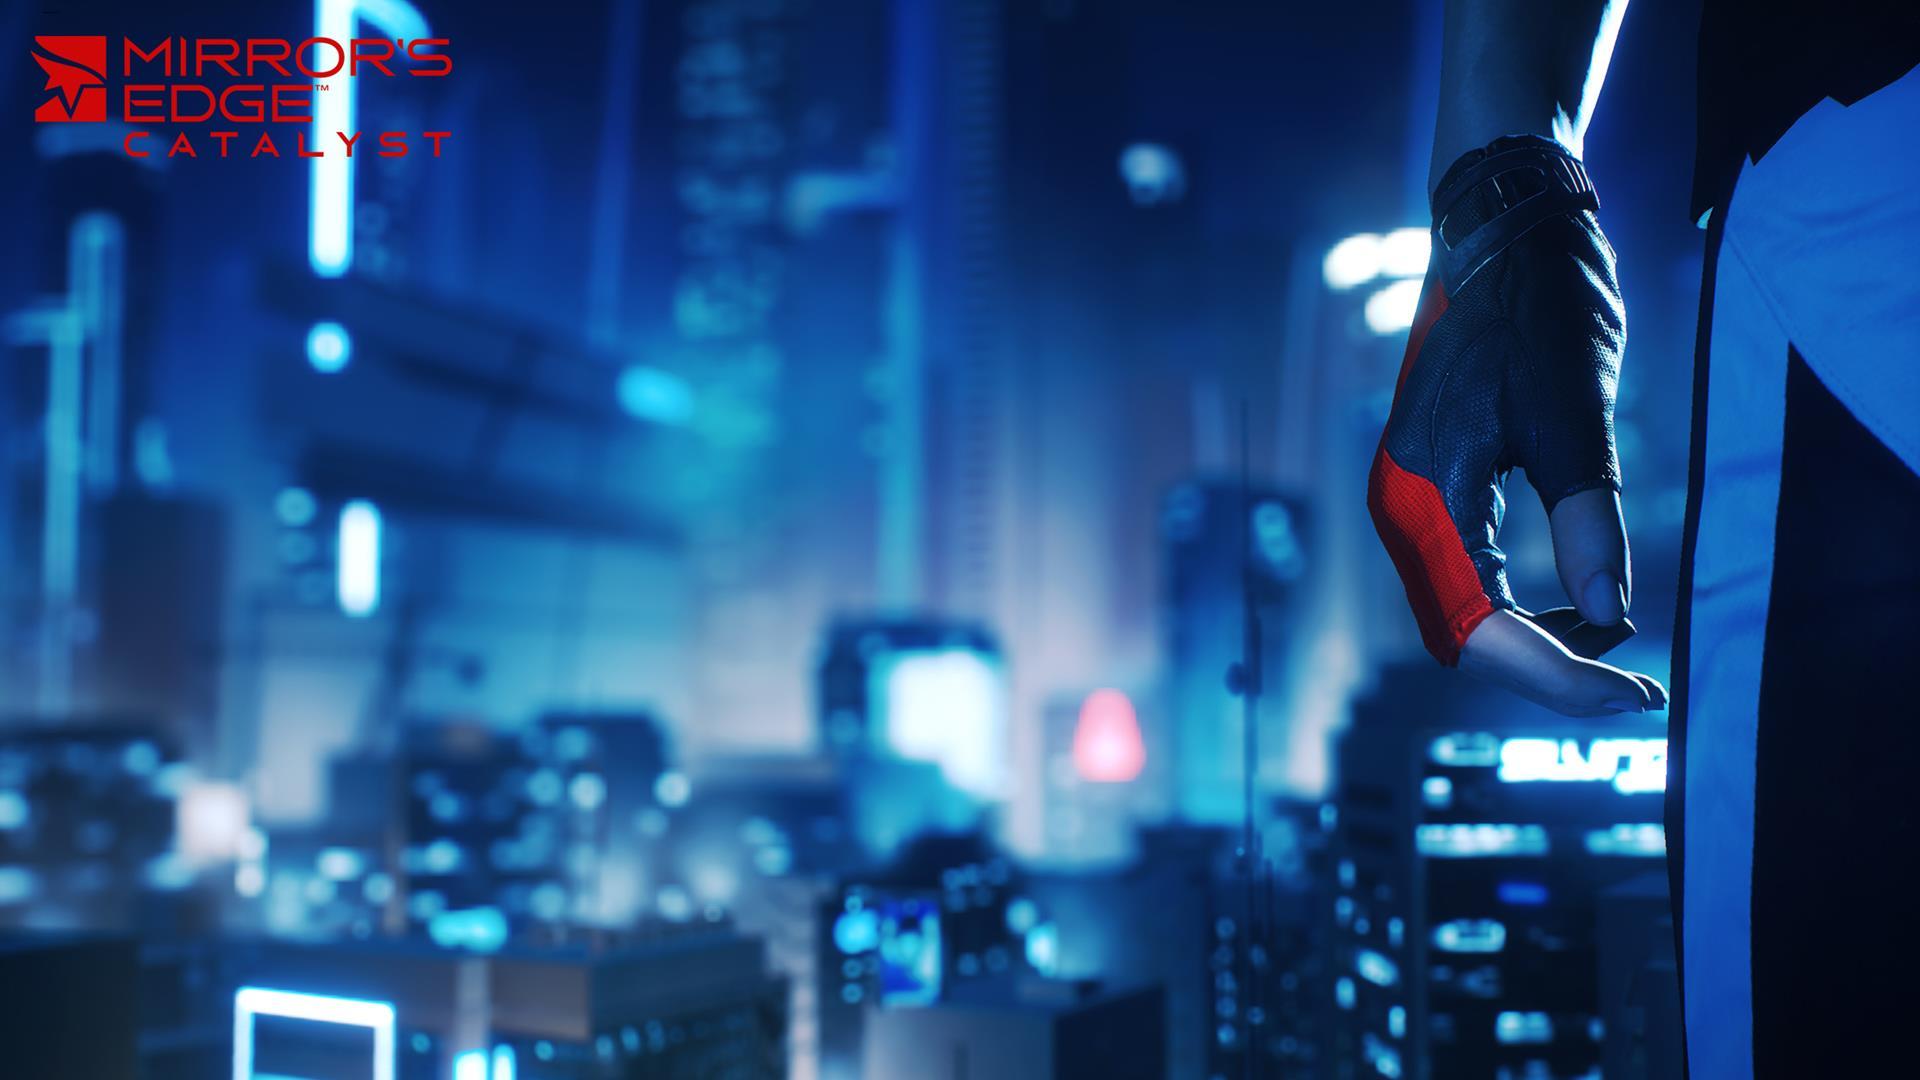 گیمپلی Mirrors Edge Catalyst در Gamescom 2015